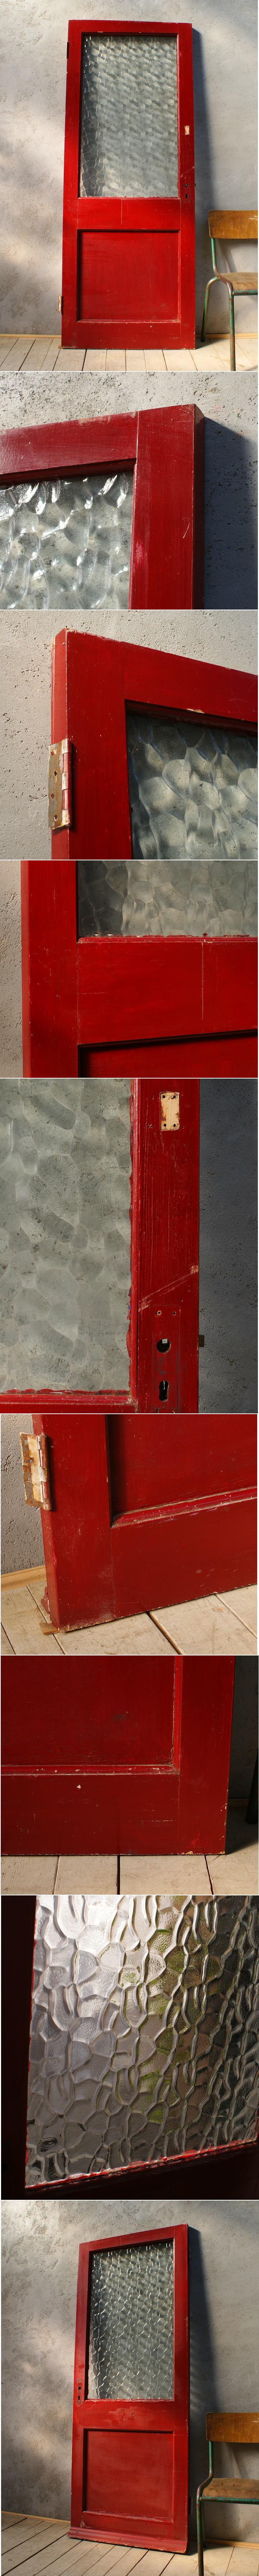 イギリス アンティーク ガラス入り木製ドア 扉 ディスプレイ 建具 6052